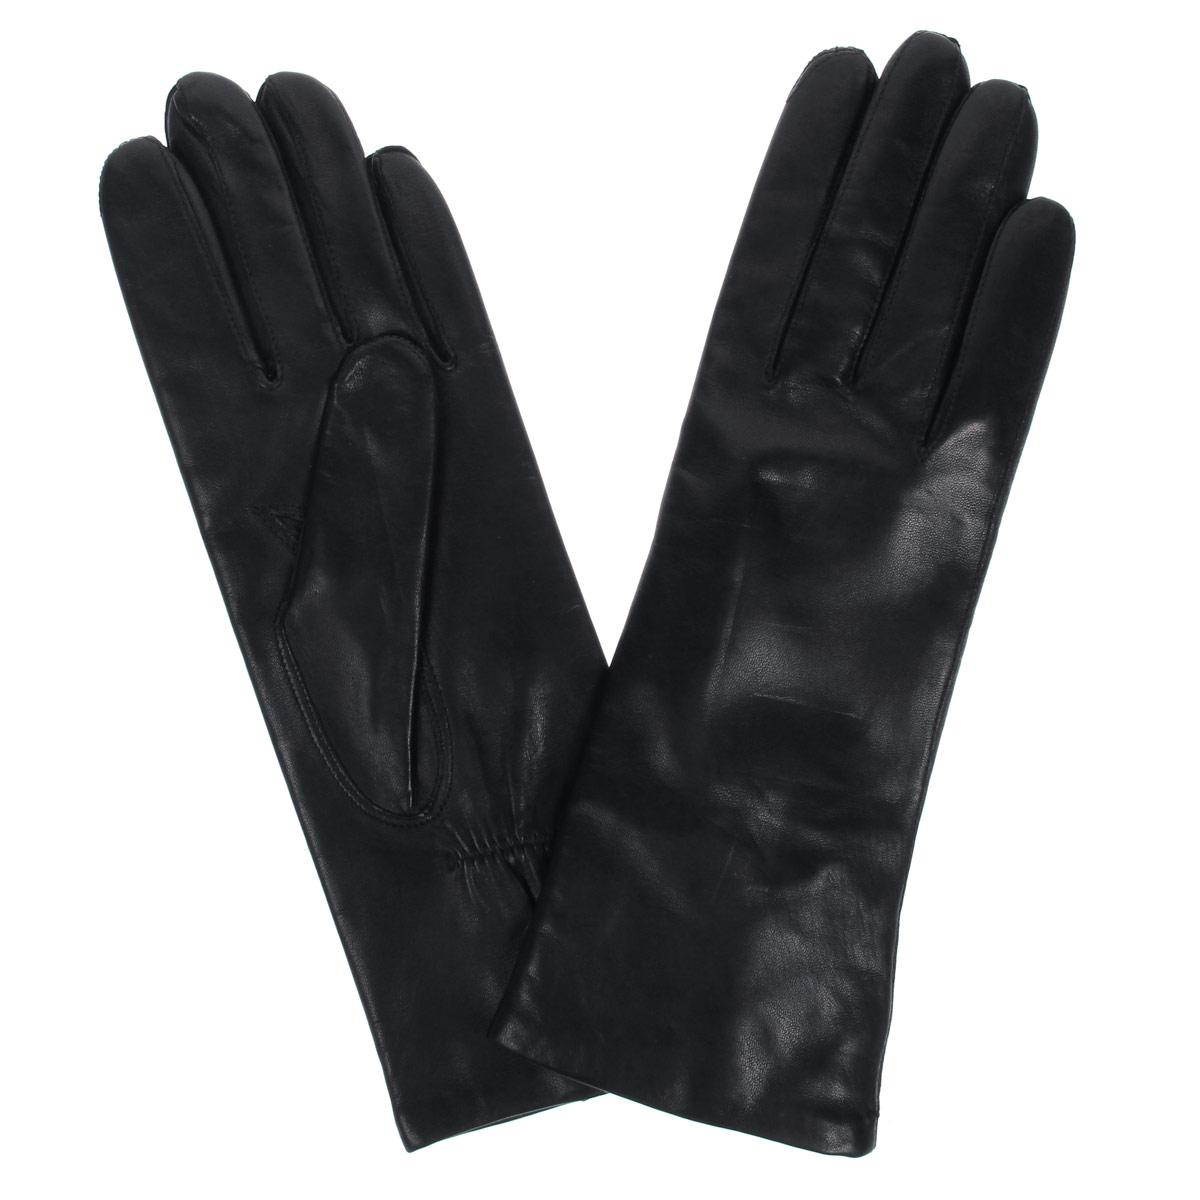 Перчатки женские Bartoc, цвет: черный. DF12-231-r. Размер 6,5DF12-231-rСтильные женские перчатки Bartoc не только защитят ваши руки от холода, но и станут великолепным украшением. Они выполнены из мягкой и приятной на ощупь натуральной кожи ягненка, подкладка - из шерсти. На тыльной стороне перчатки присборены на небольшие резиночки для лучшего прилегания к запястью.Перчатки являются неотъемлемой принадлежностью одежды, вместе с этим аксессуаром вы обретаете женственность и элегантность. Они станут завершающим и подчеркивающим элементом вашего неповторимого стиля и индивидуальности.